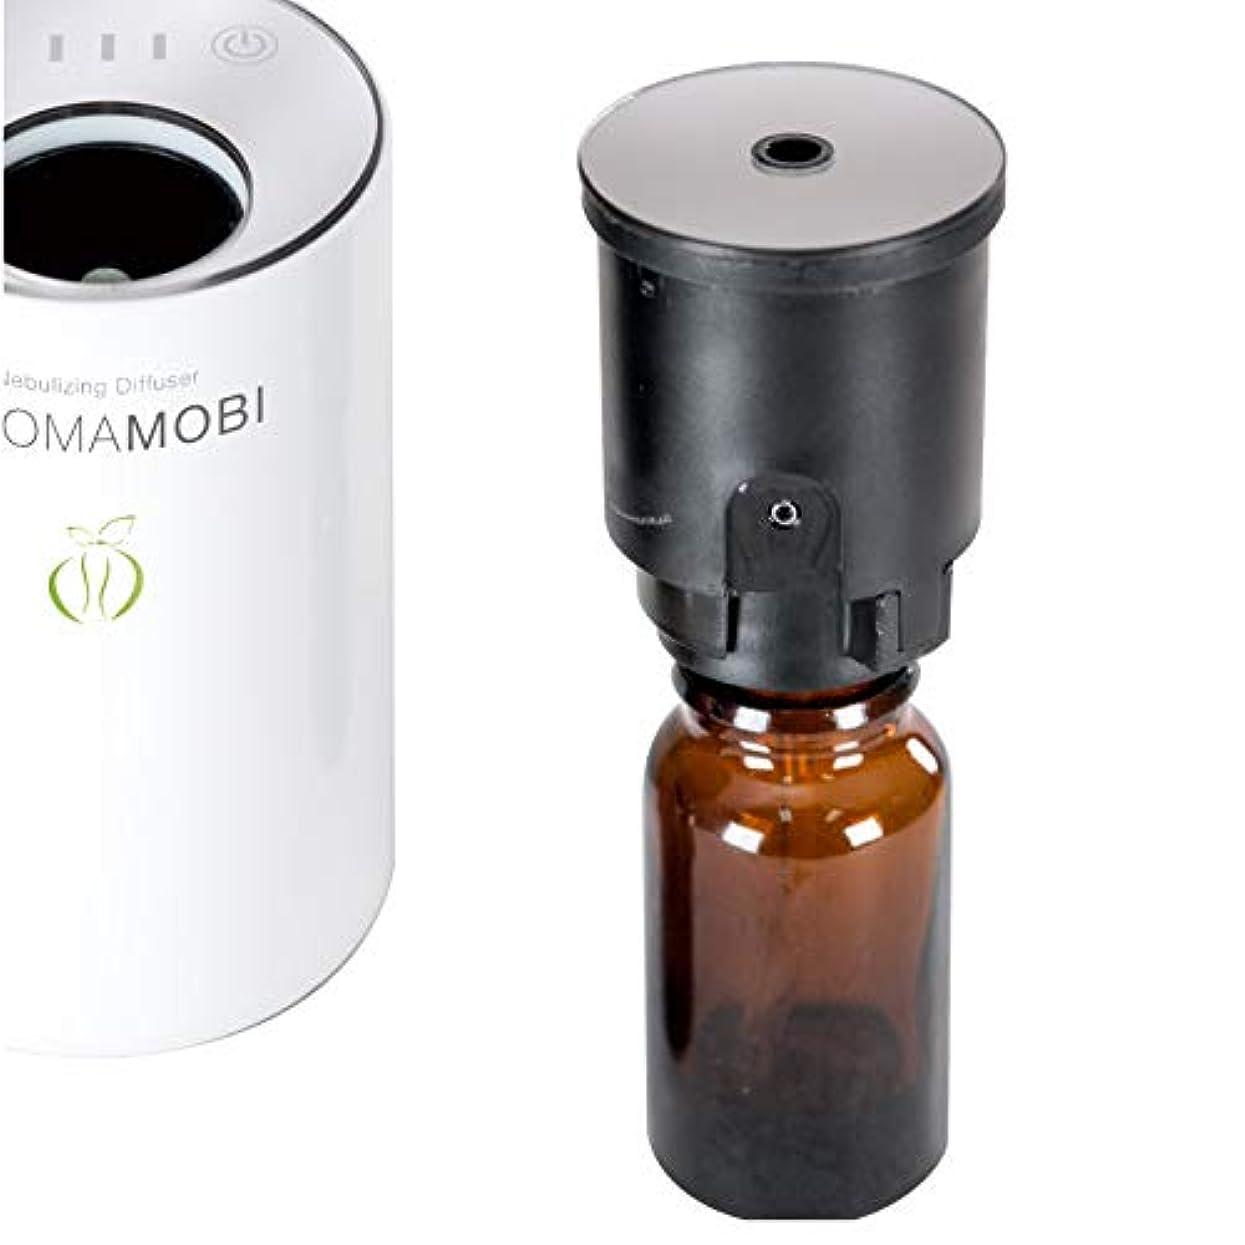 平行速い辞任funks アロマモビ 専用 交換用 ノズル ボトルセット aromamobi アロマディフューザー